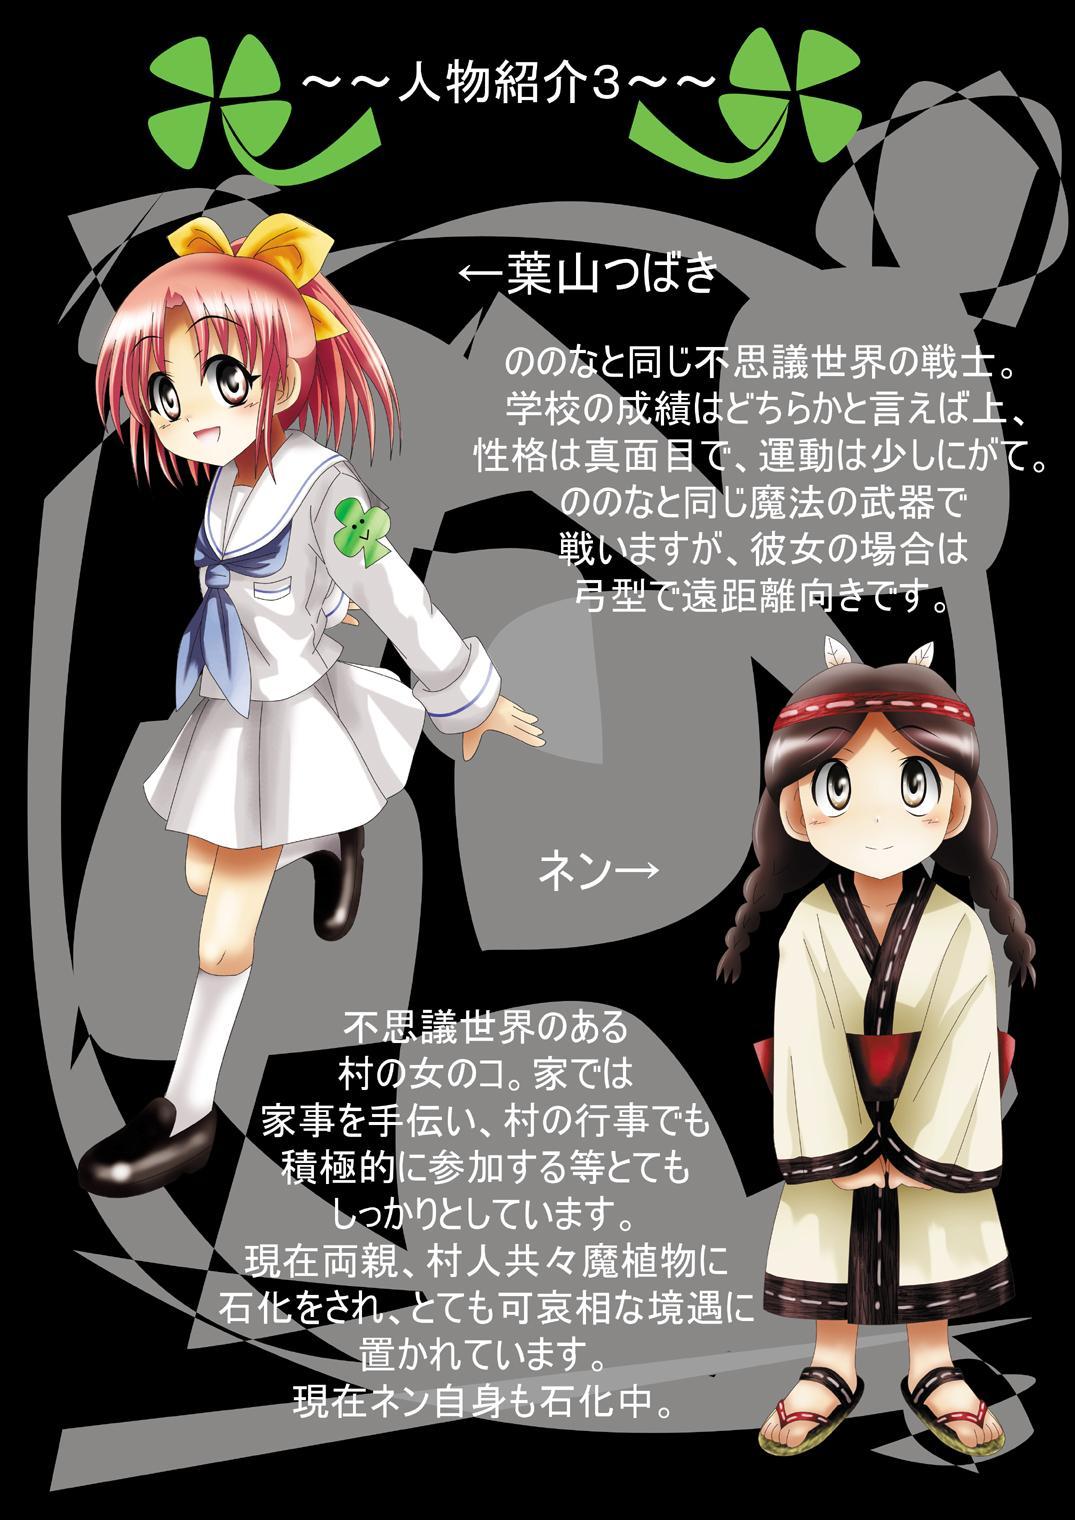 [Dende] Fushigi Sekai -Mystery World- no Nona 17 ~ Taiketsu Fujimi no Dai Inma Dakurasu, Kanzen Sekka no Kyoufu 9